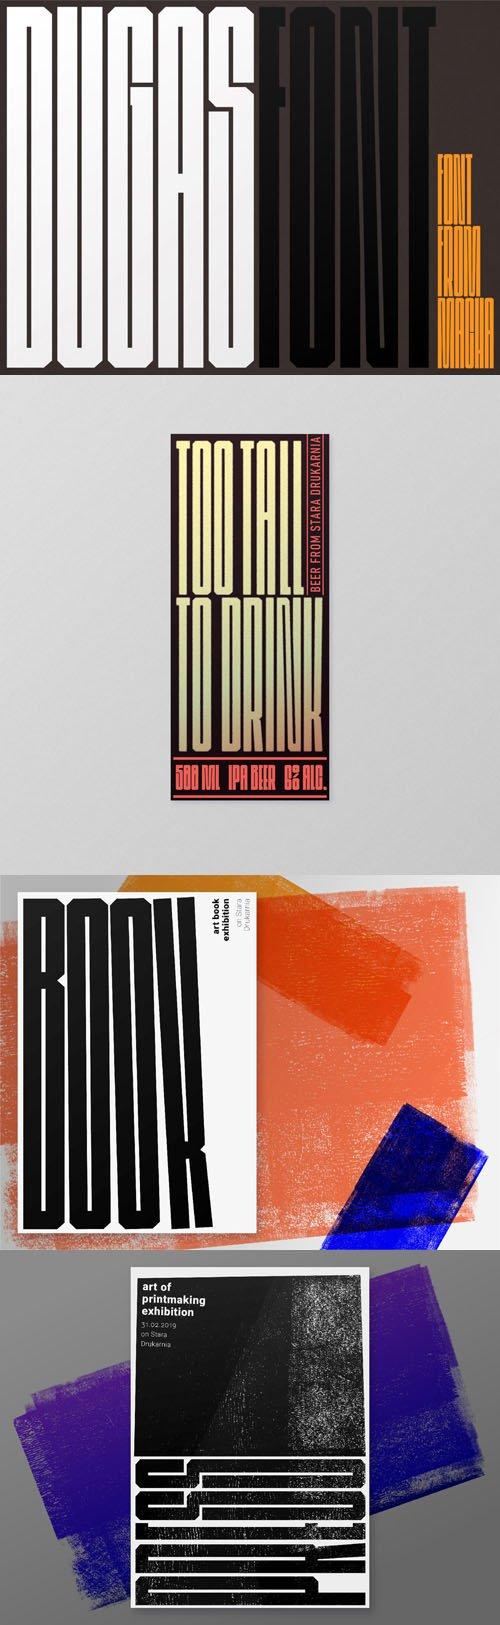 DUGAS - Condensed & Minimalistic Font